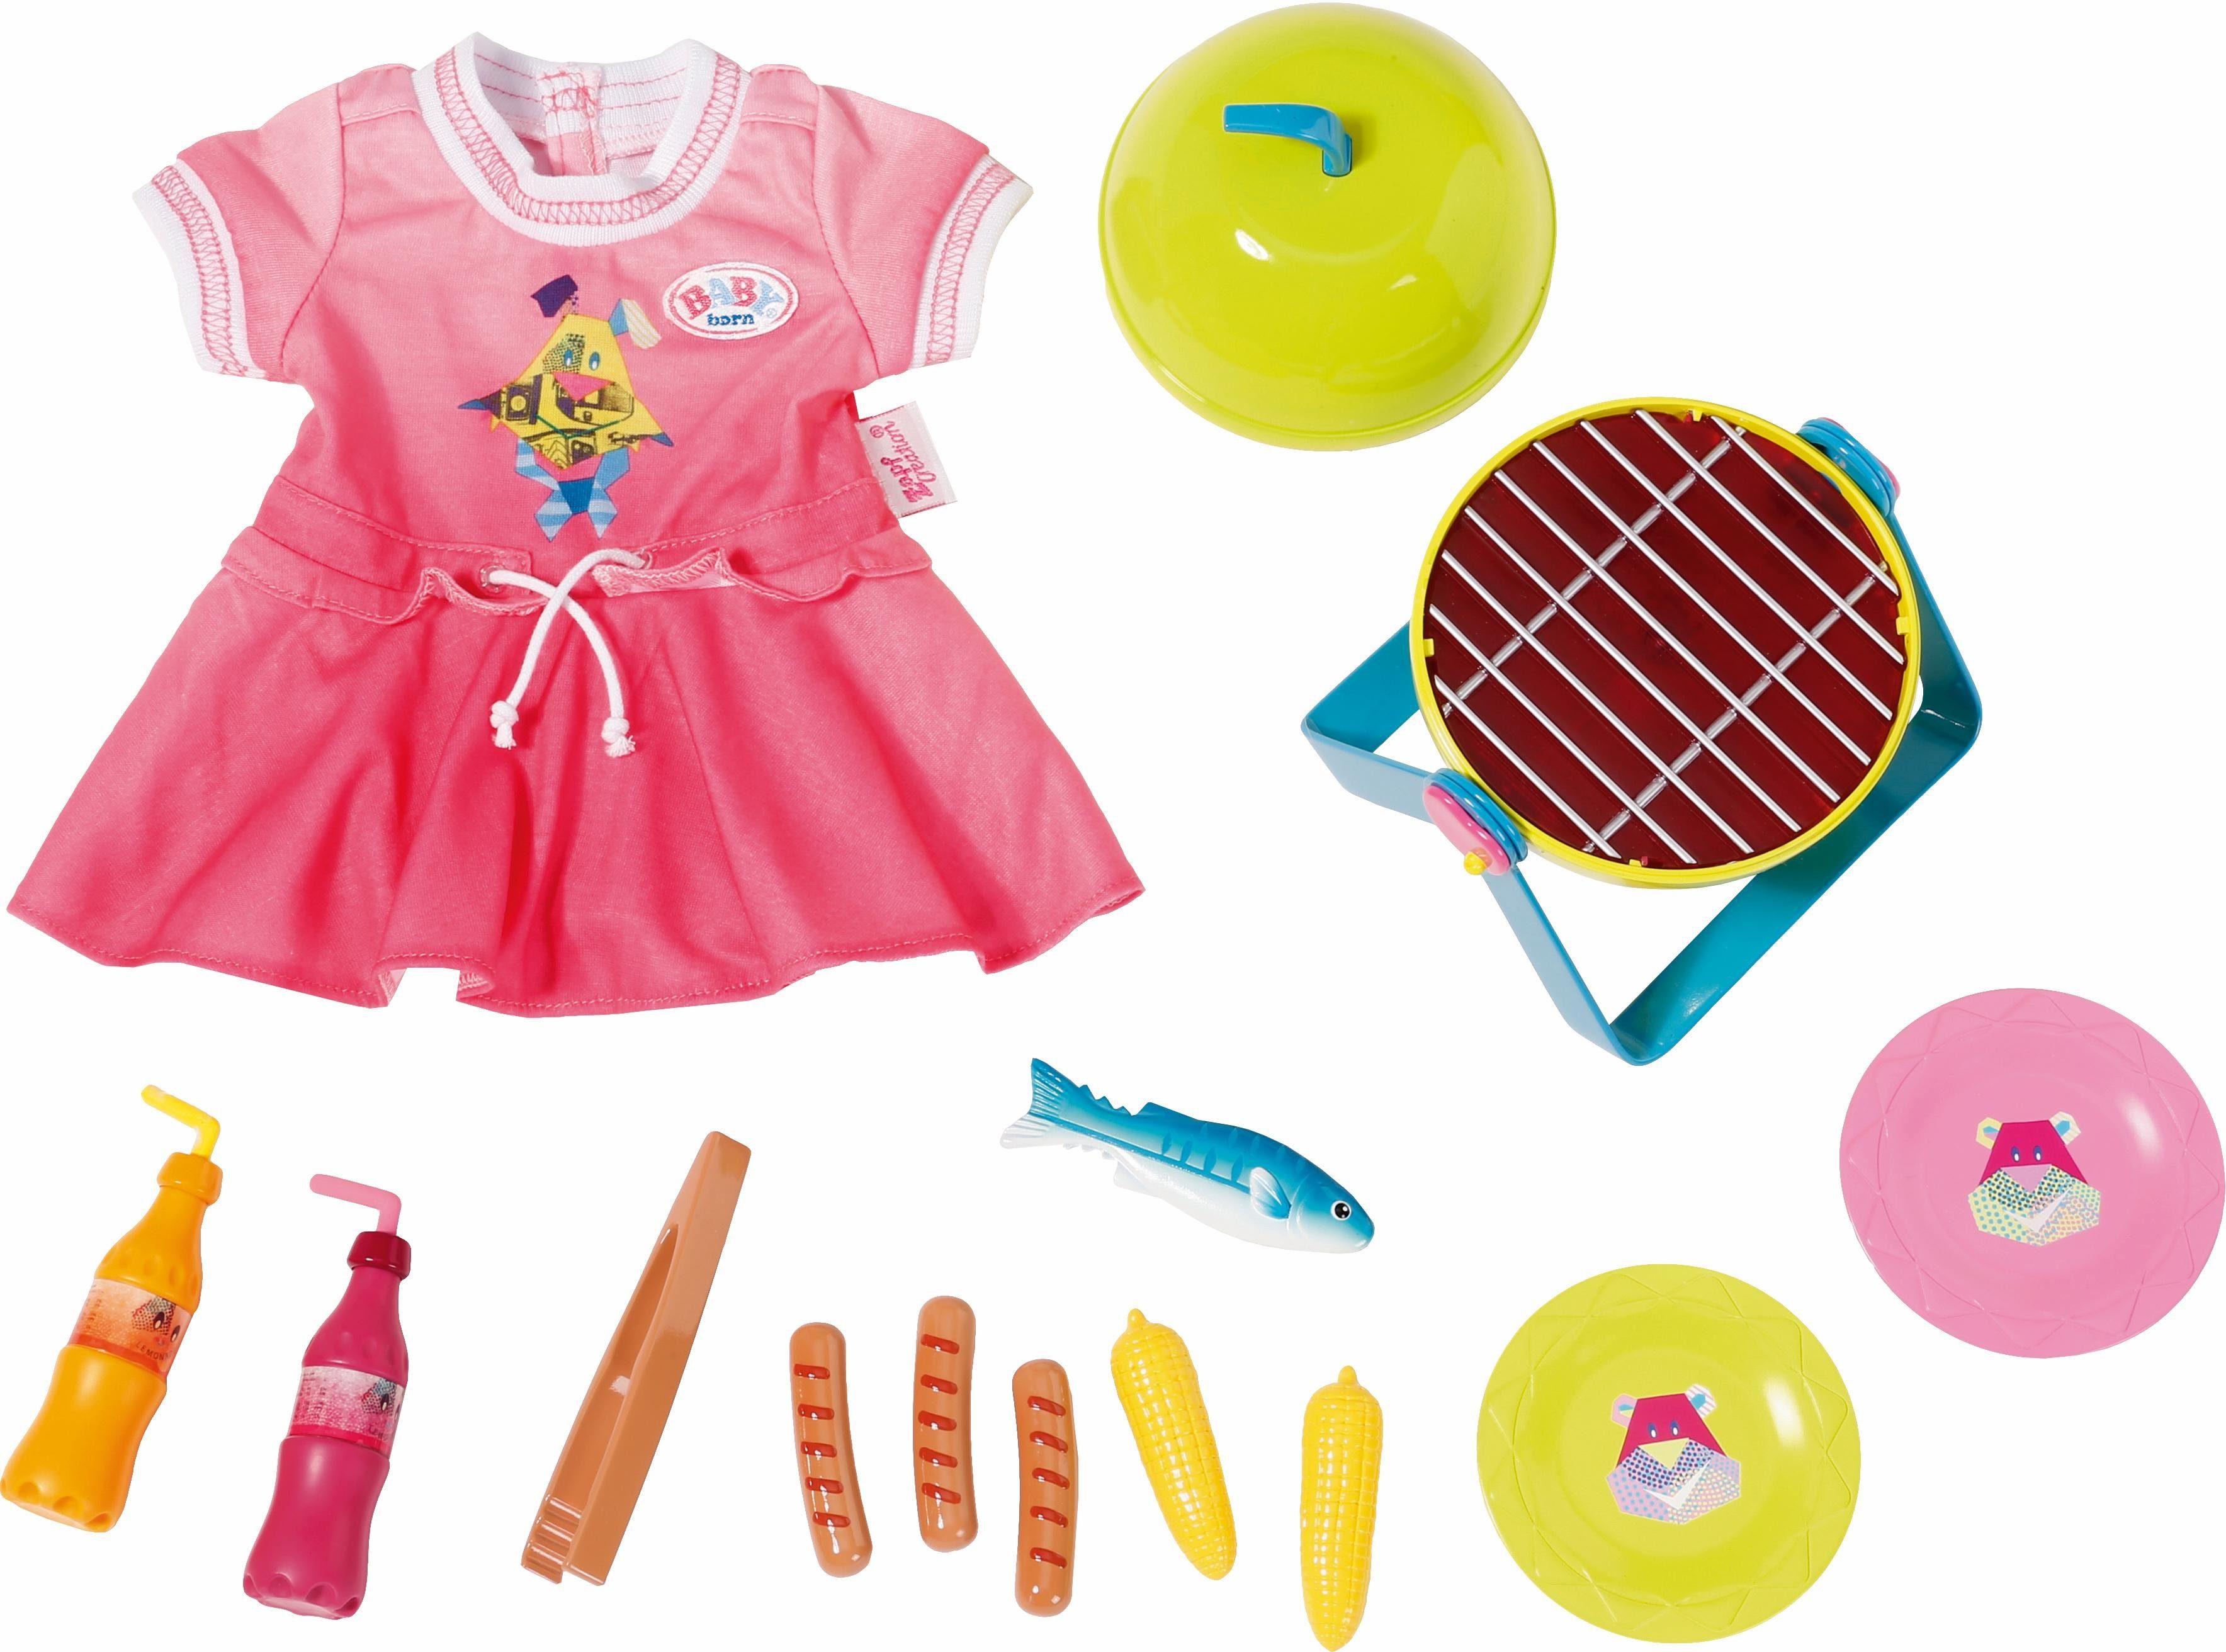 Zapf Creation Puppenkleidung und -zubehör, »BABY born® Play&Fun Grillspaß Set«